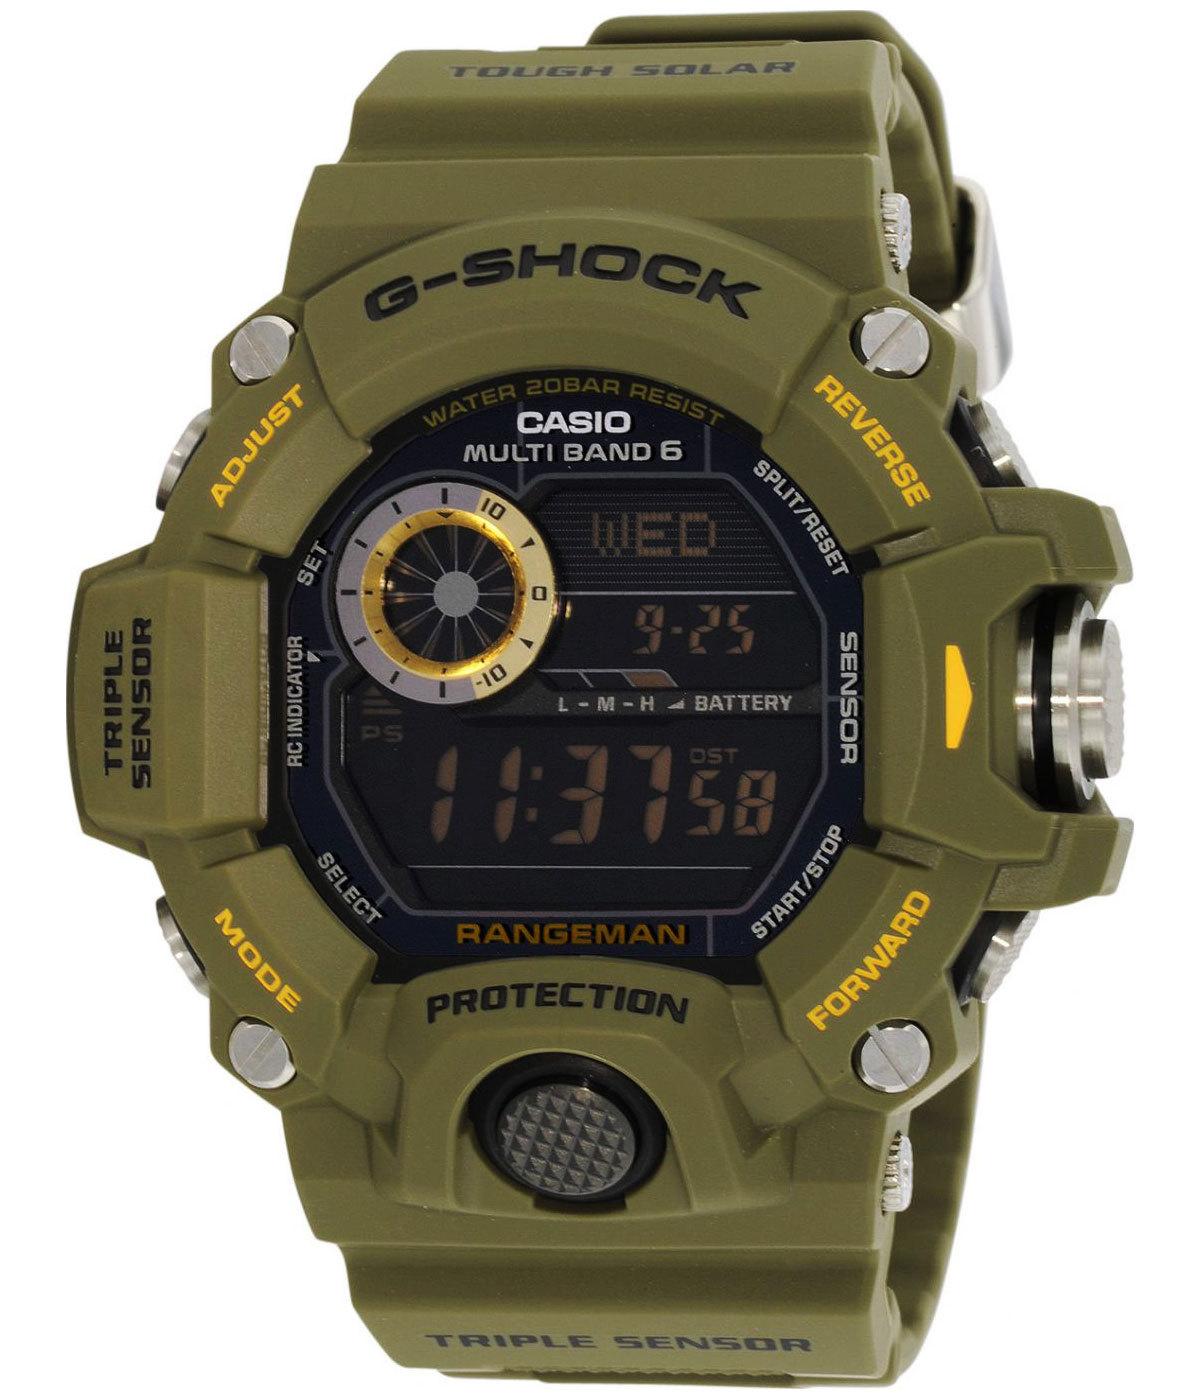 Casio G-SHOCK GW-9400-3E / GW-9400-3ER - оригинальные наручные часы